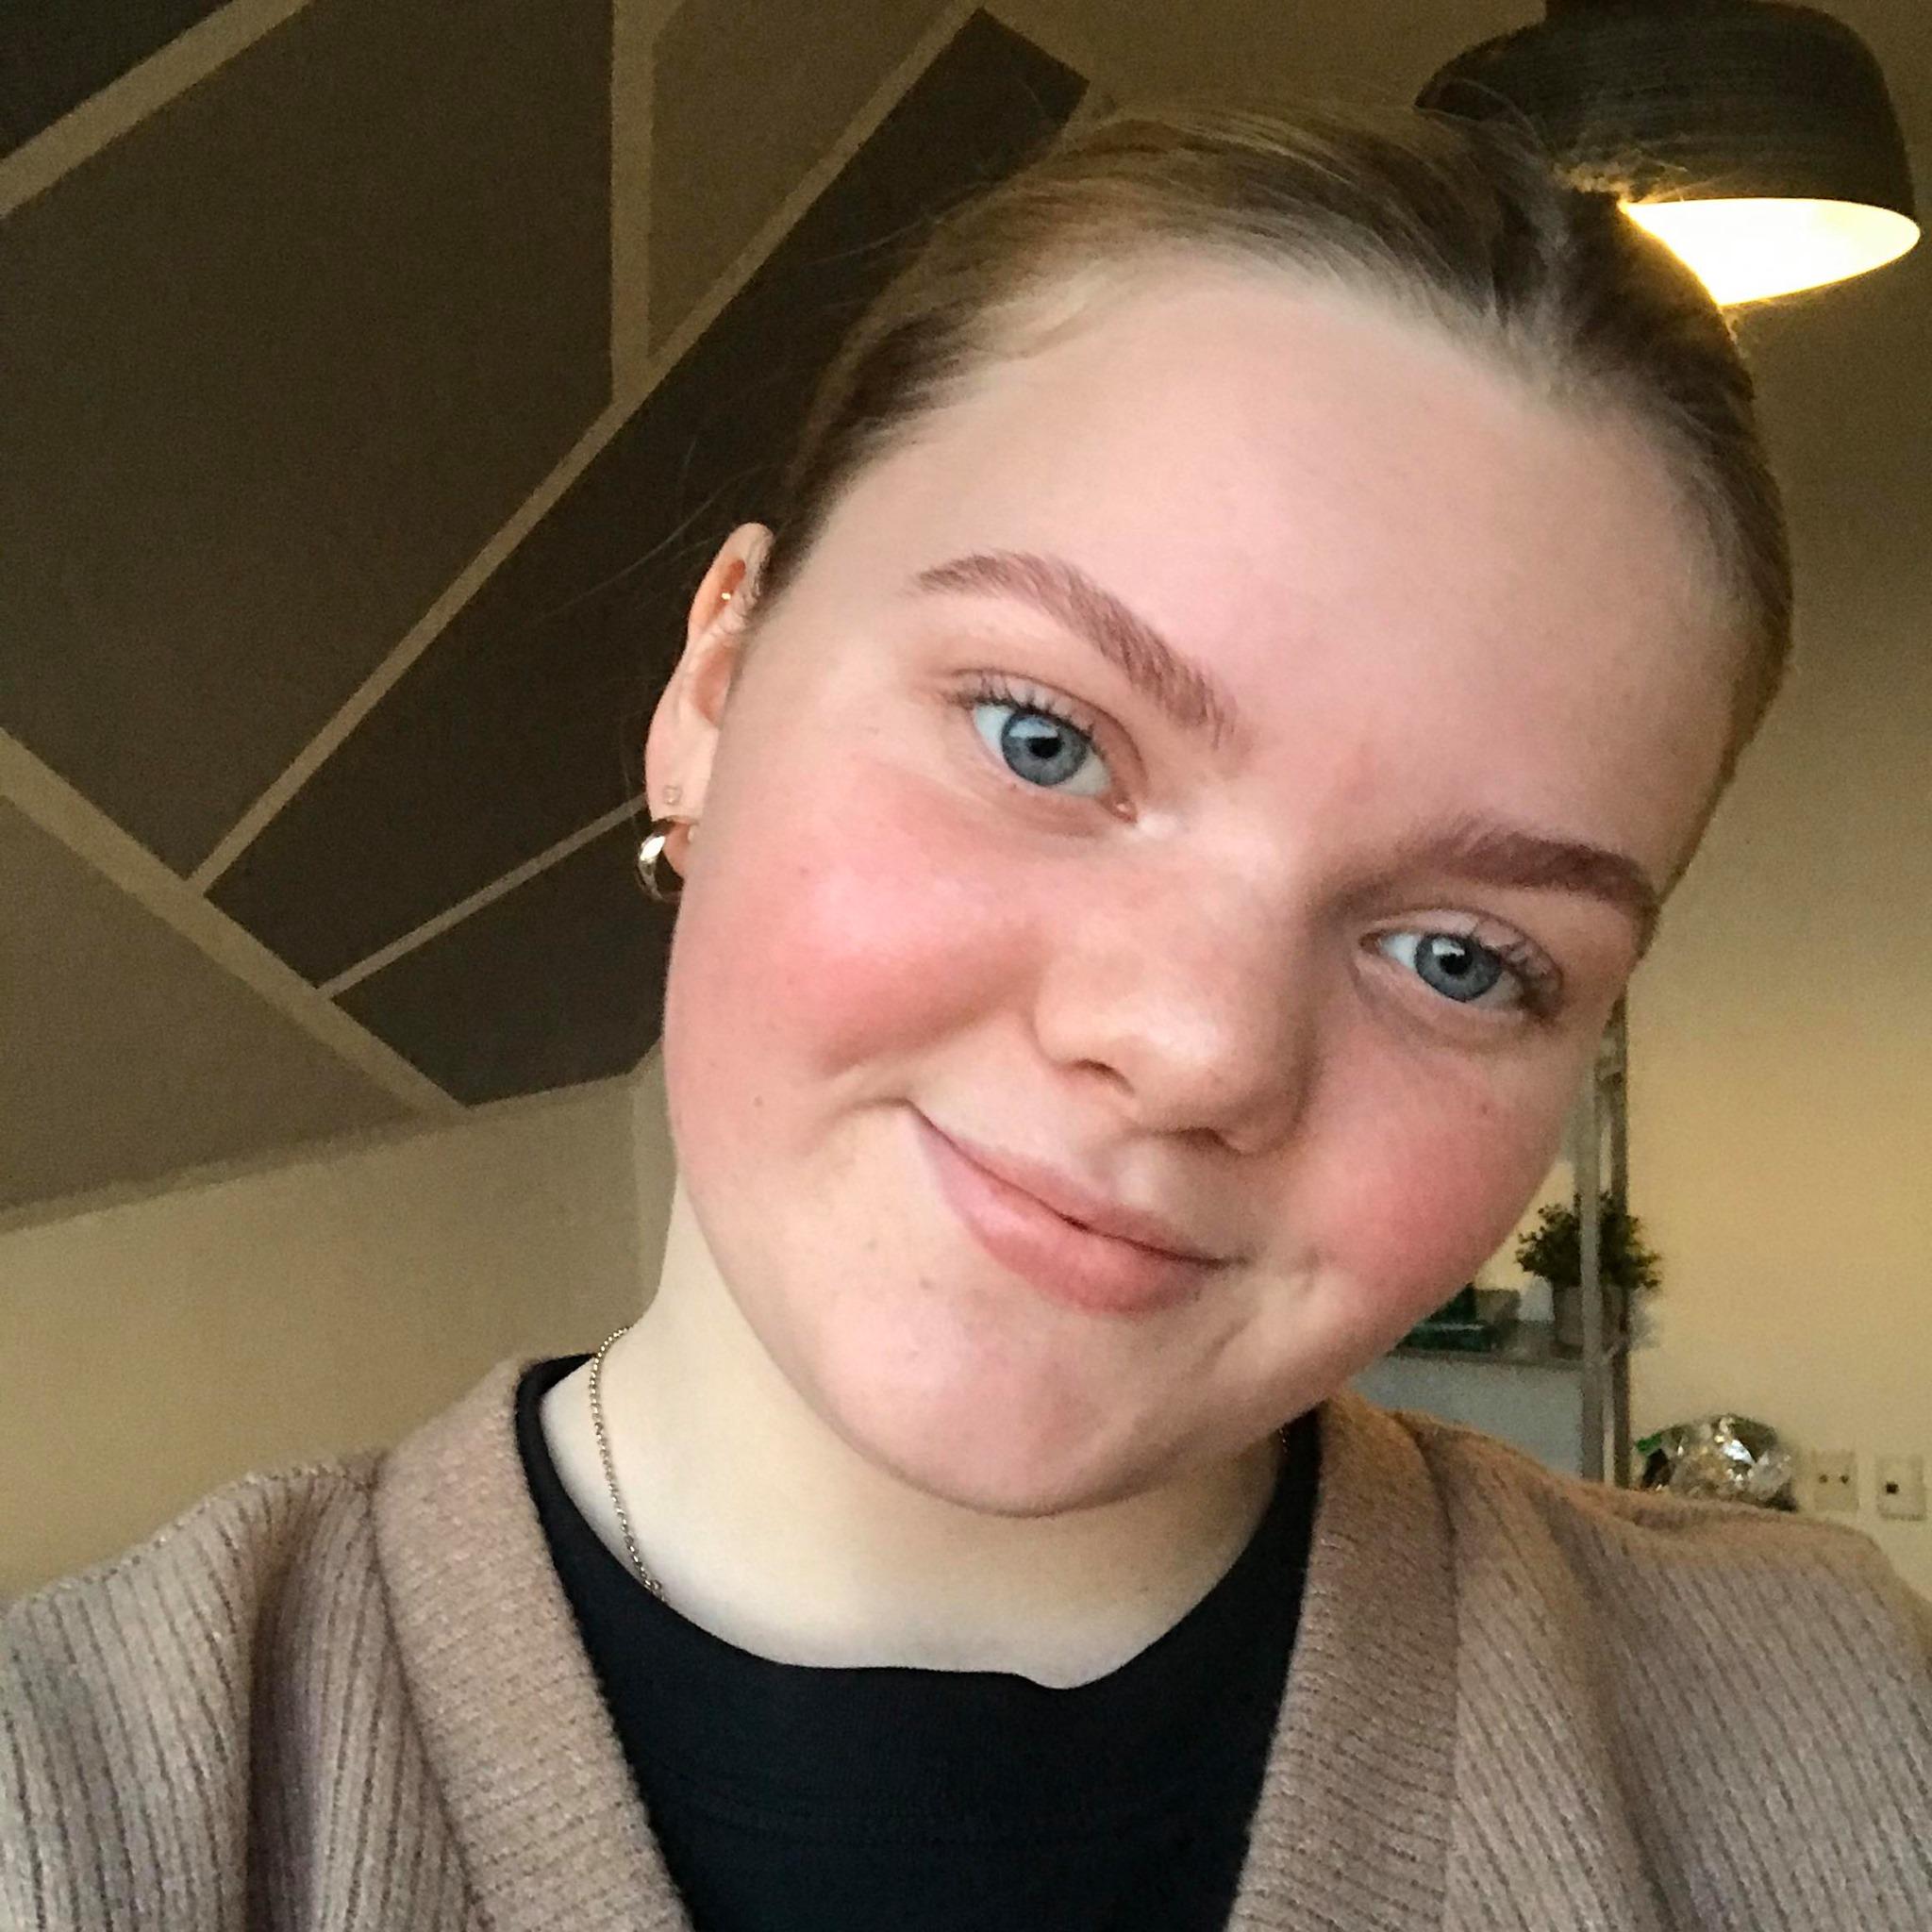 Frida Melhedegaard